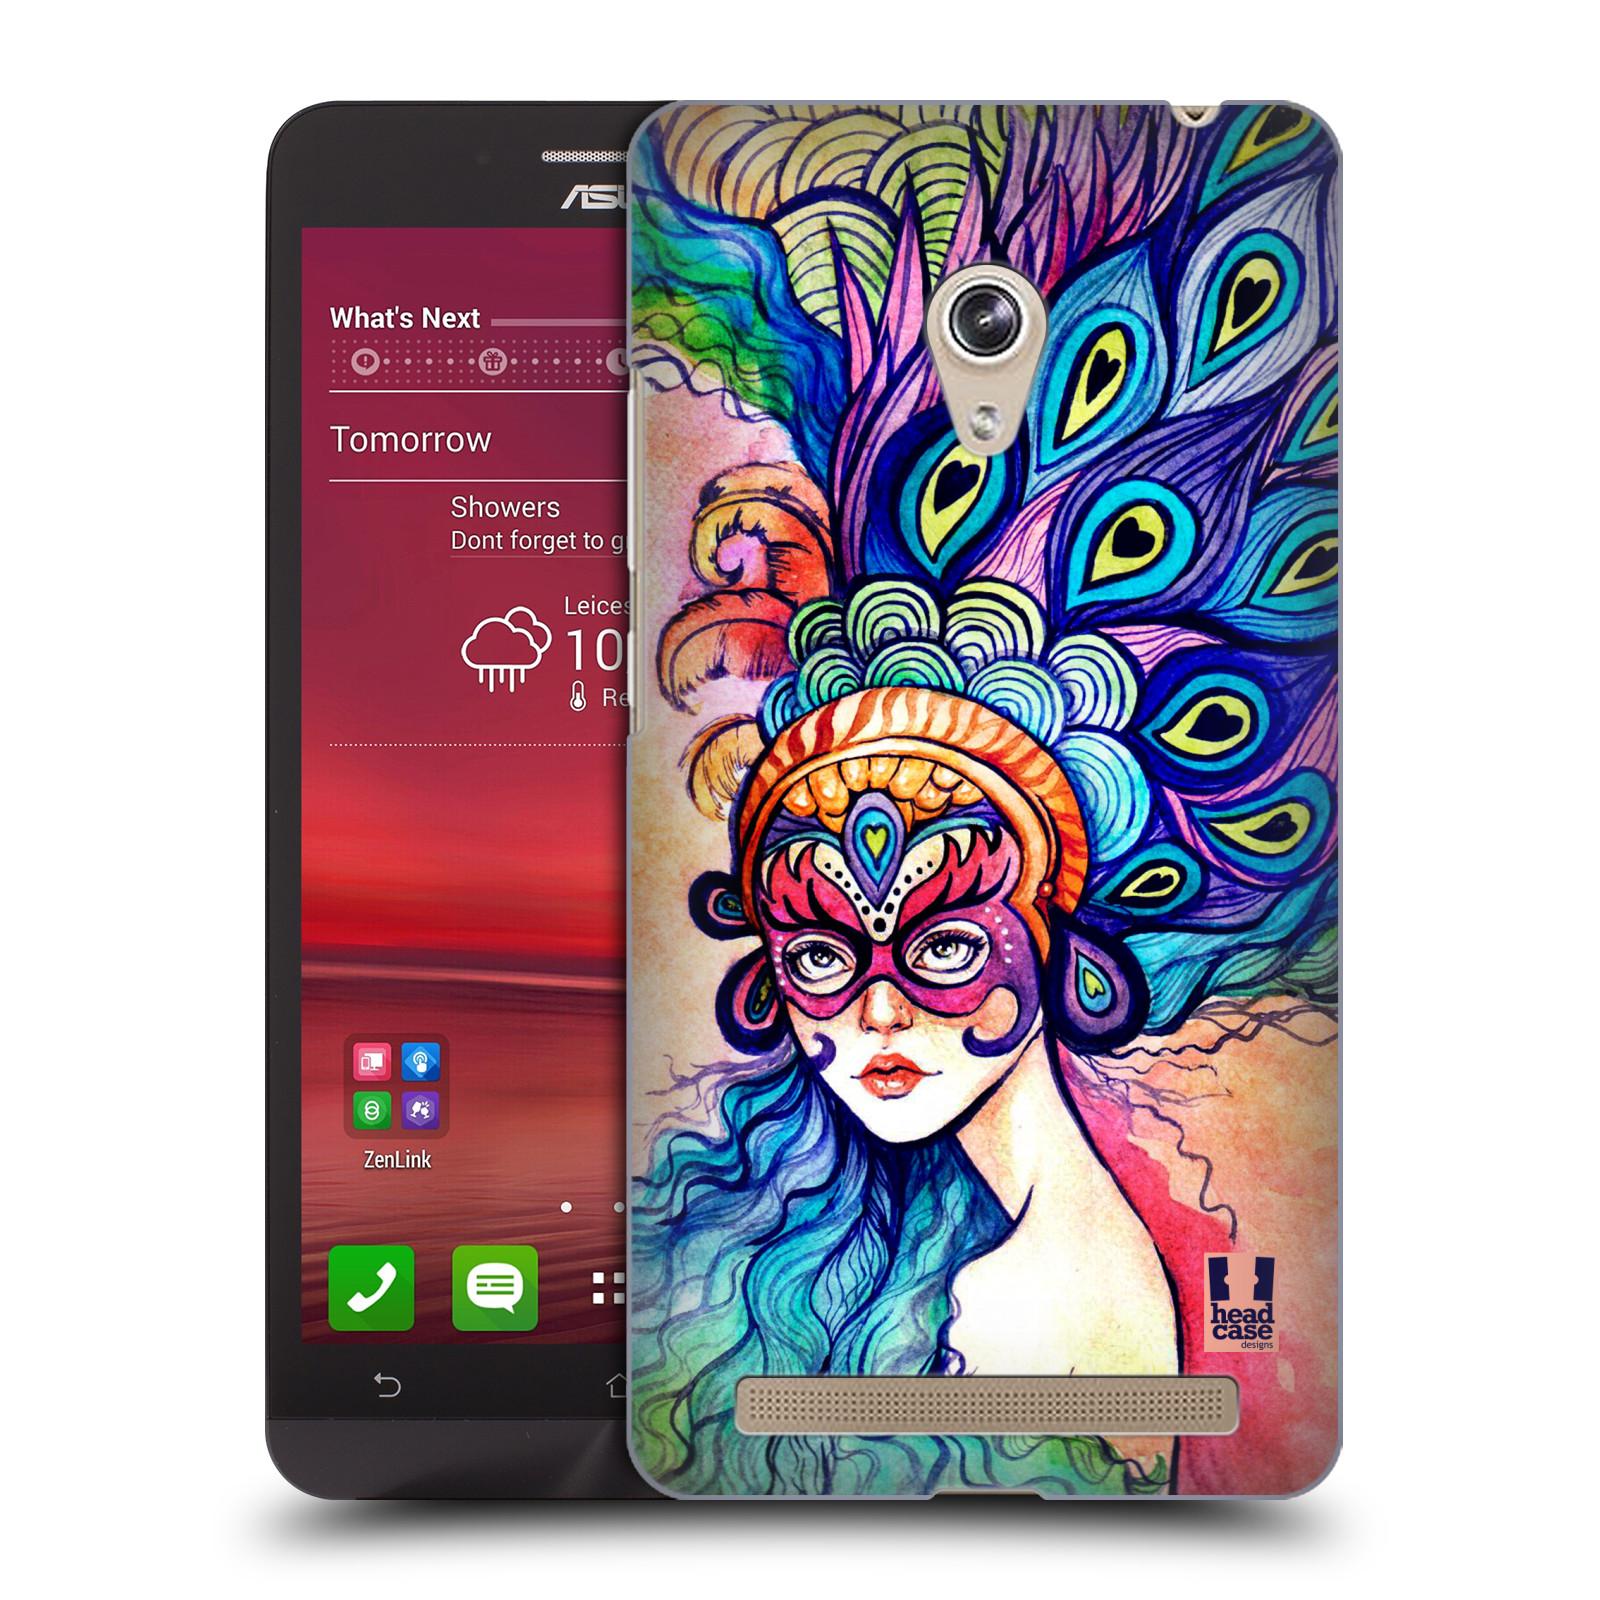 HEAD CASE plastový obal na mobil Asus Zenfone 6 vzor Maškarní ples masky kreslené vzory MODRÉ PÍRKA